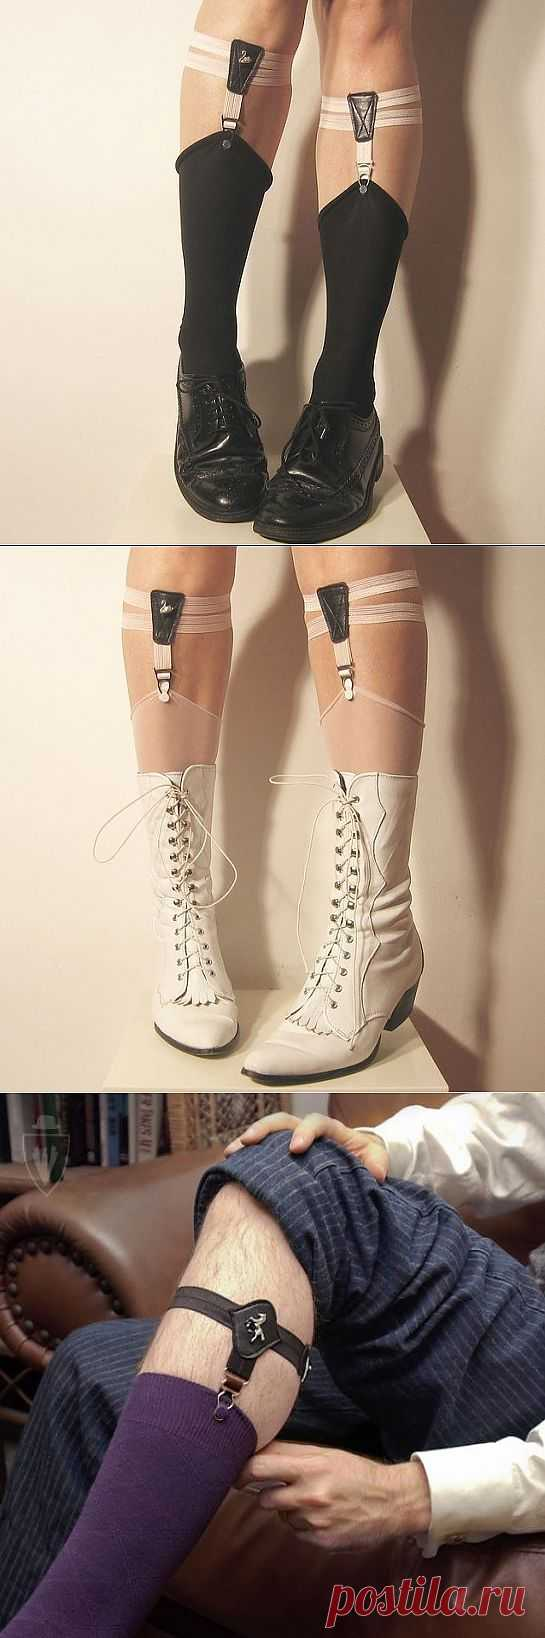 Чулочно-носочные подтяжки (подборка) / Носки, колготки, леггинсы / Модный сайт о стильной переделке одежды и интерьера